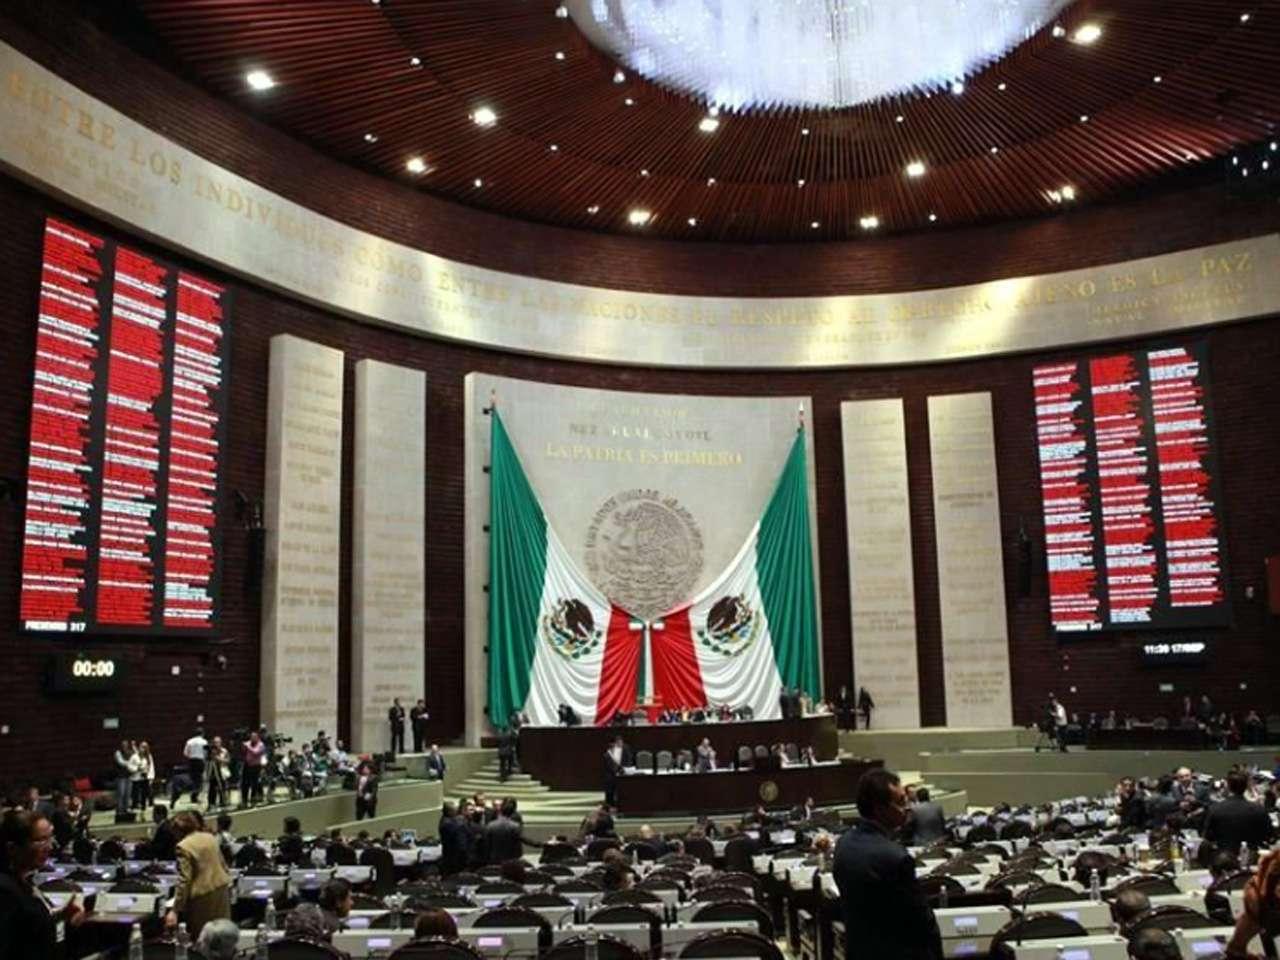 El informe por el derrame de la minera en el río Sonora fue presentando en la Cámara de diputados Foto: Tomás Martínez/Reforma